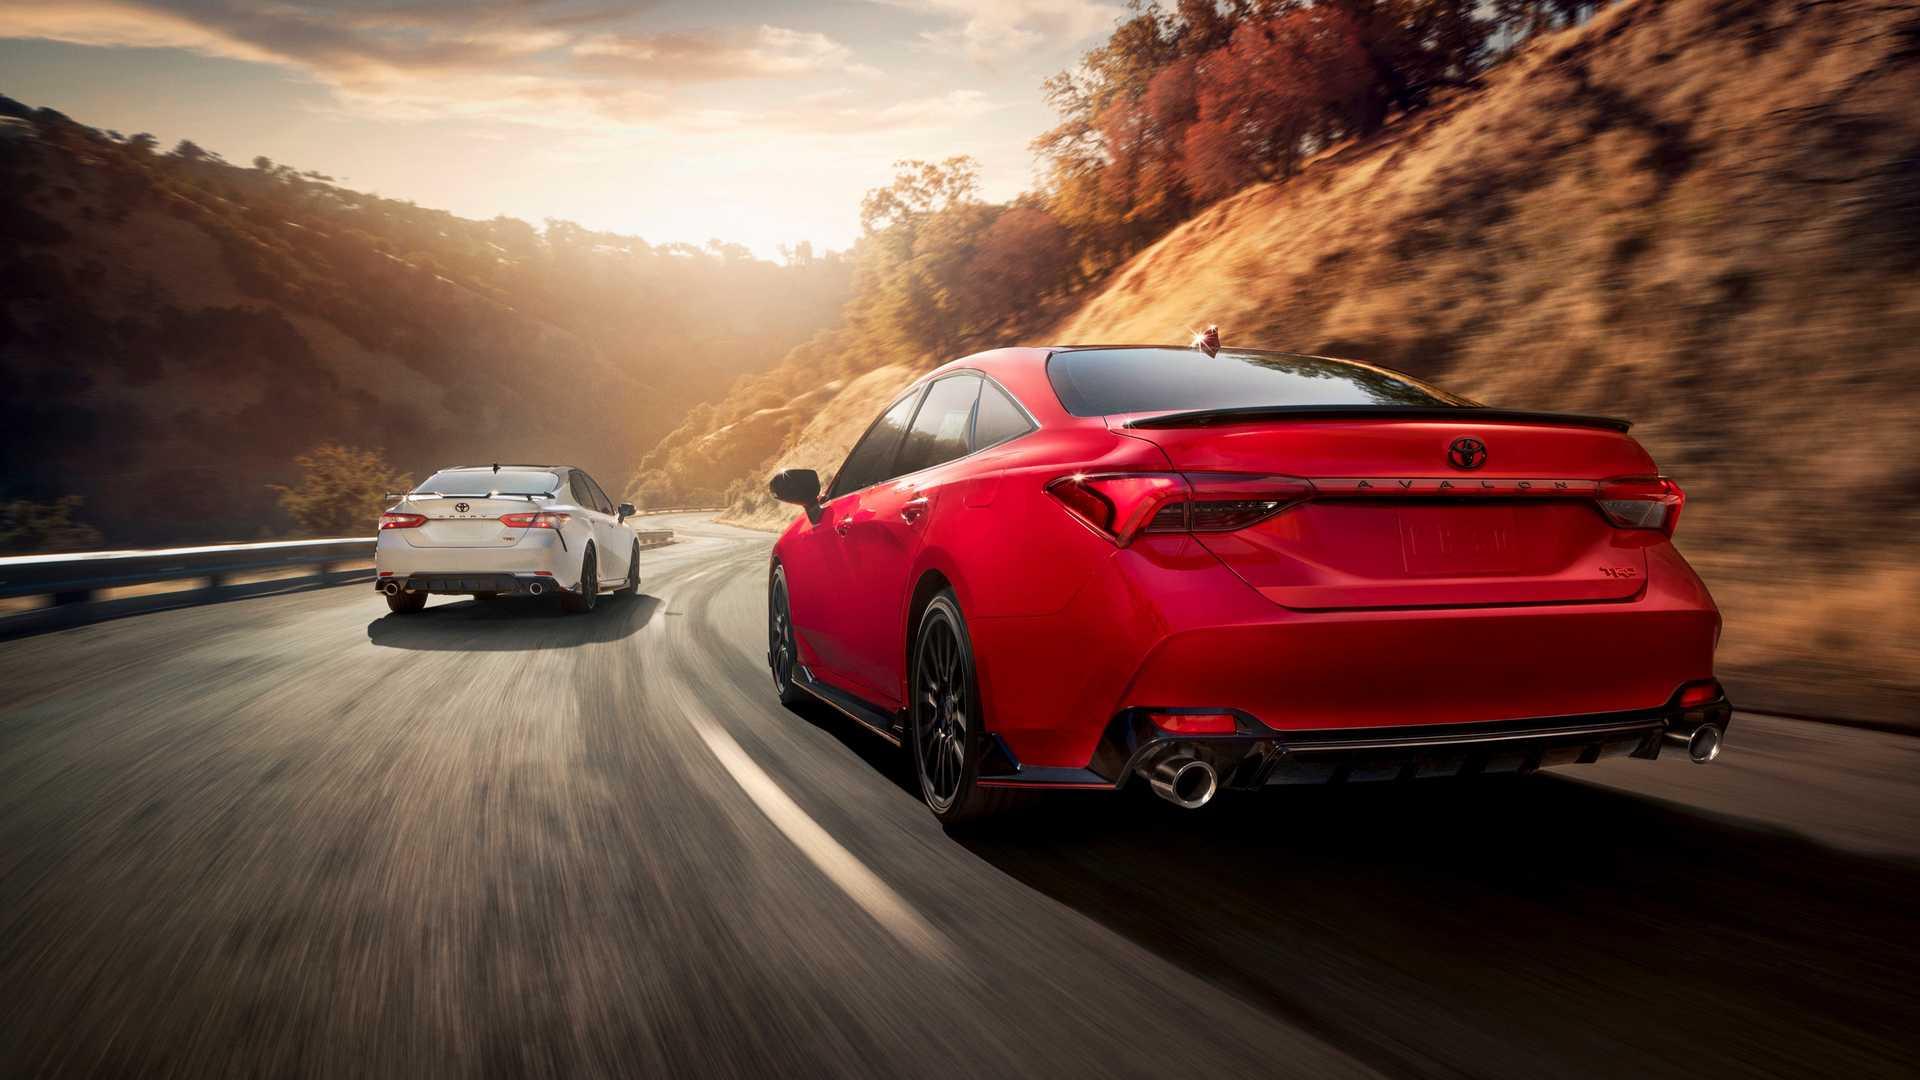 Toyota Camry TRD 2020 sản xuất giới hạn, công bố giá từ 744 triệu - 06